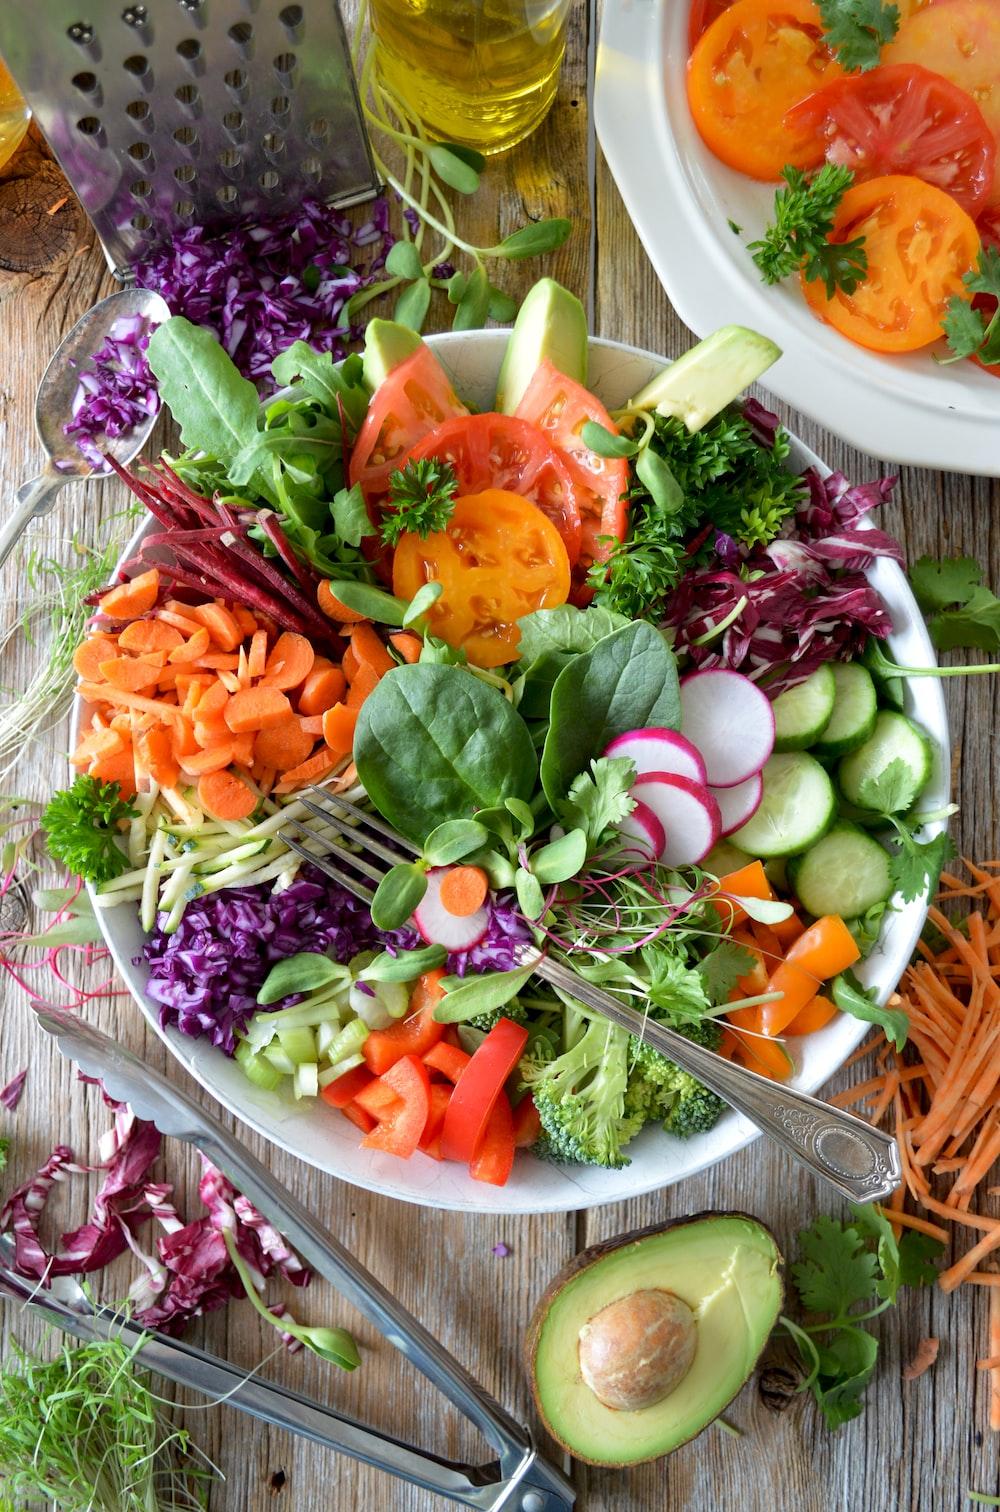 Detox Pós Páscoa legumes e hortaliças